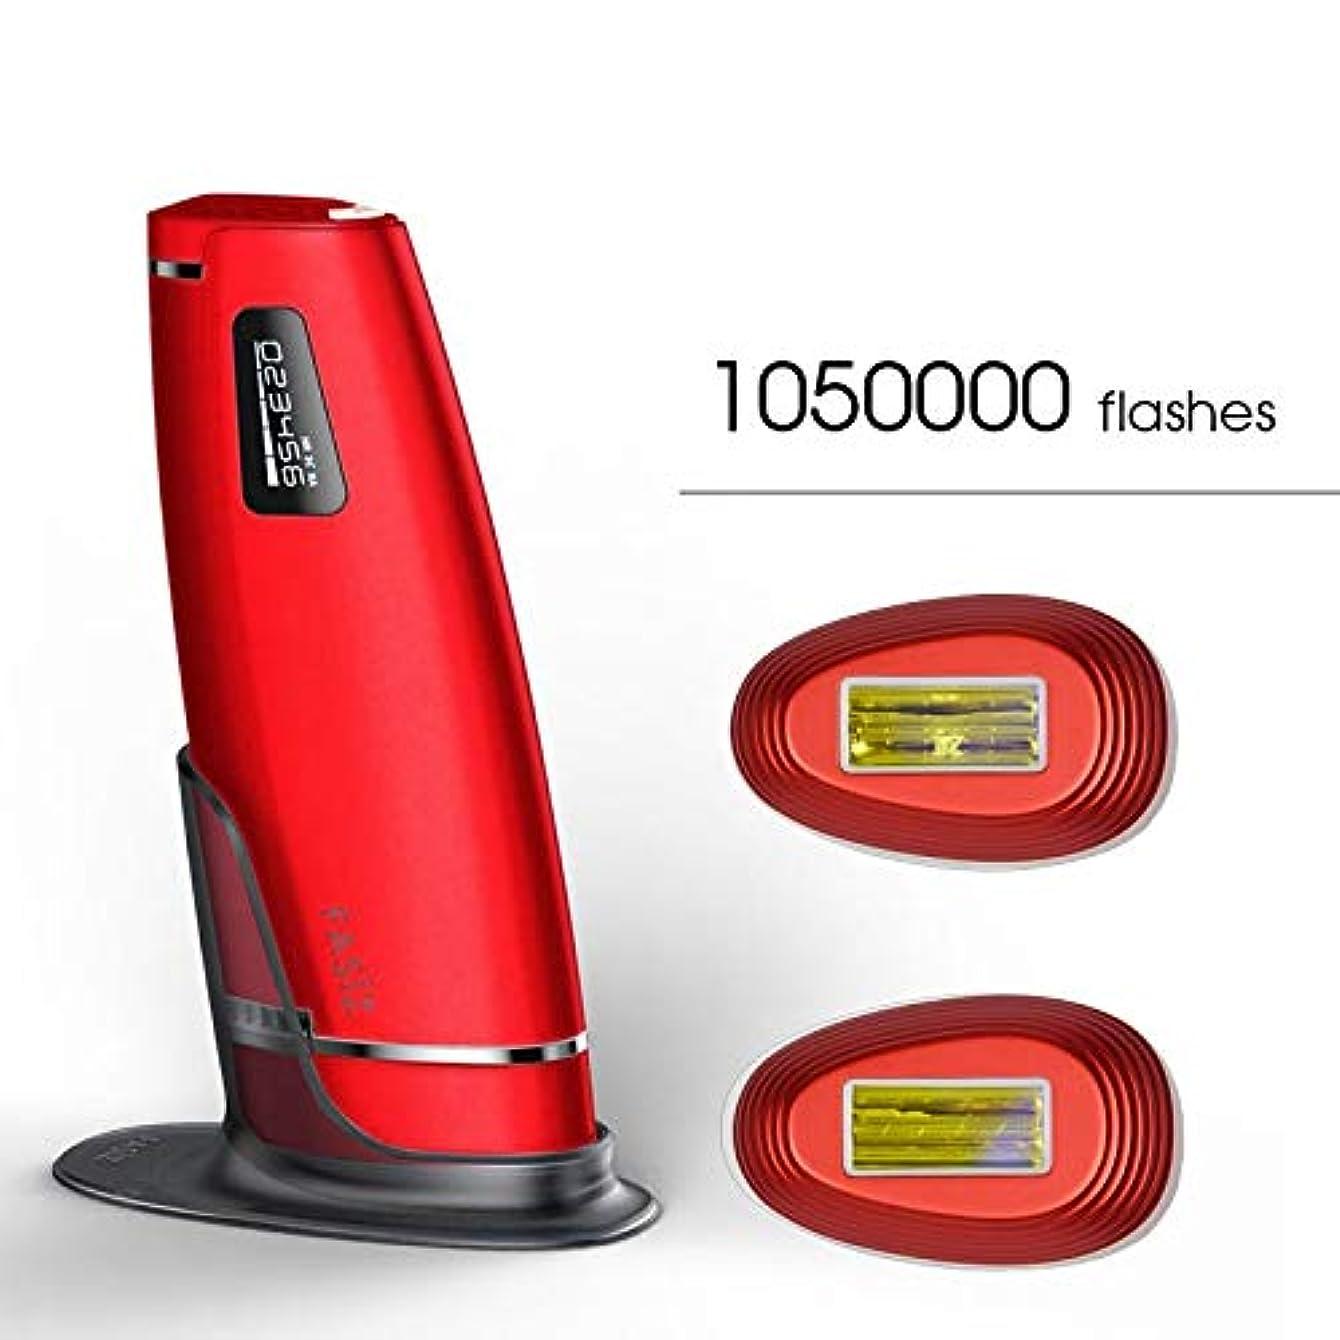 大きい致命的エキスパートFANPING 3in1の1050000pulsed IPLレーザー脱毛デバイス永久脱毛IPLレーザー脱毛器脇脱毛機 (Color : 赤)